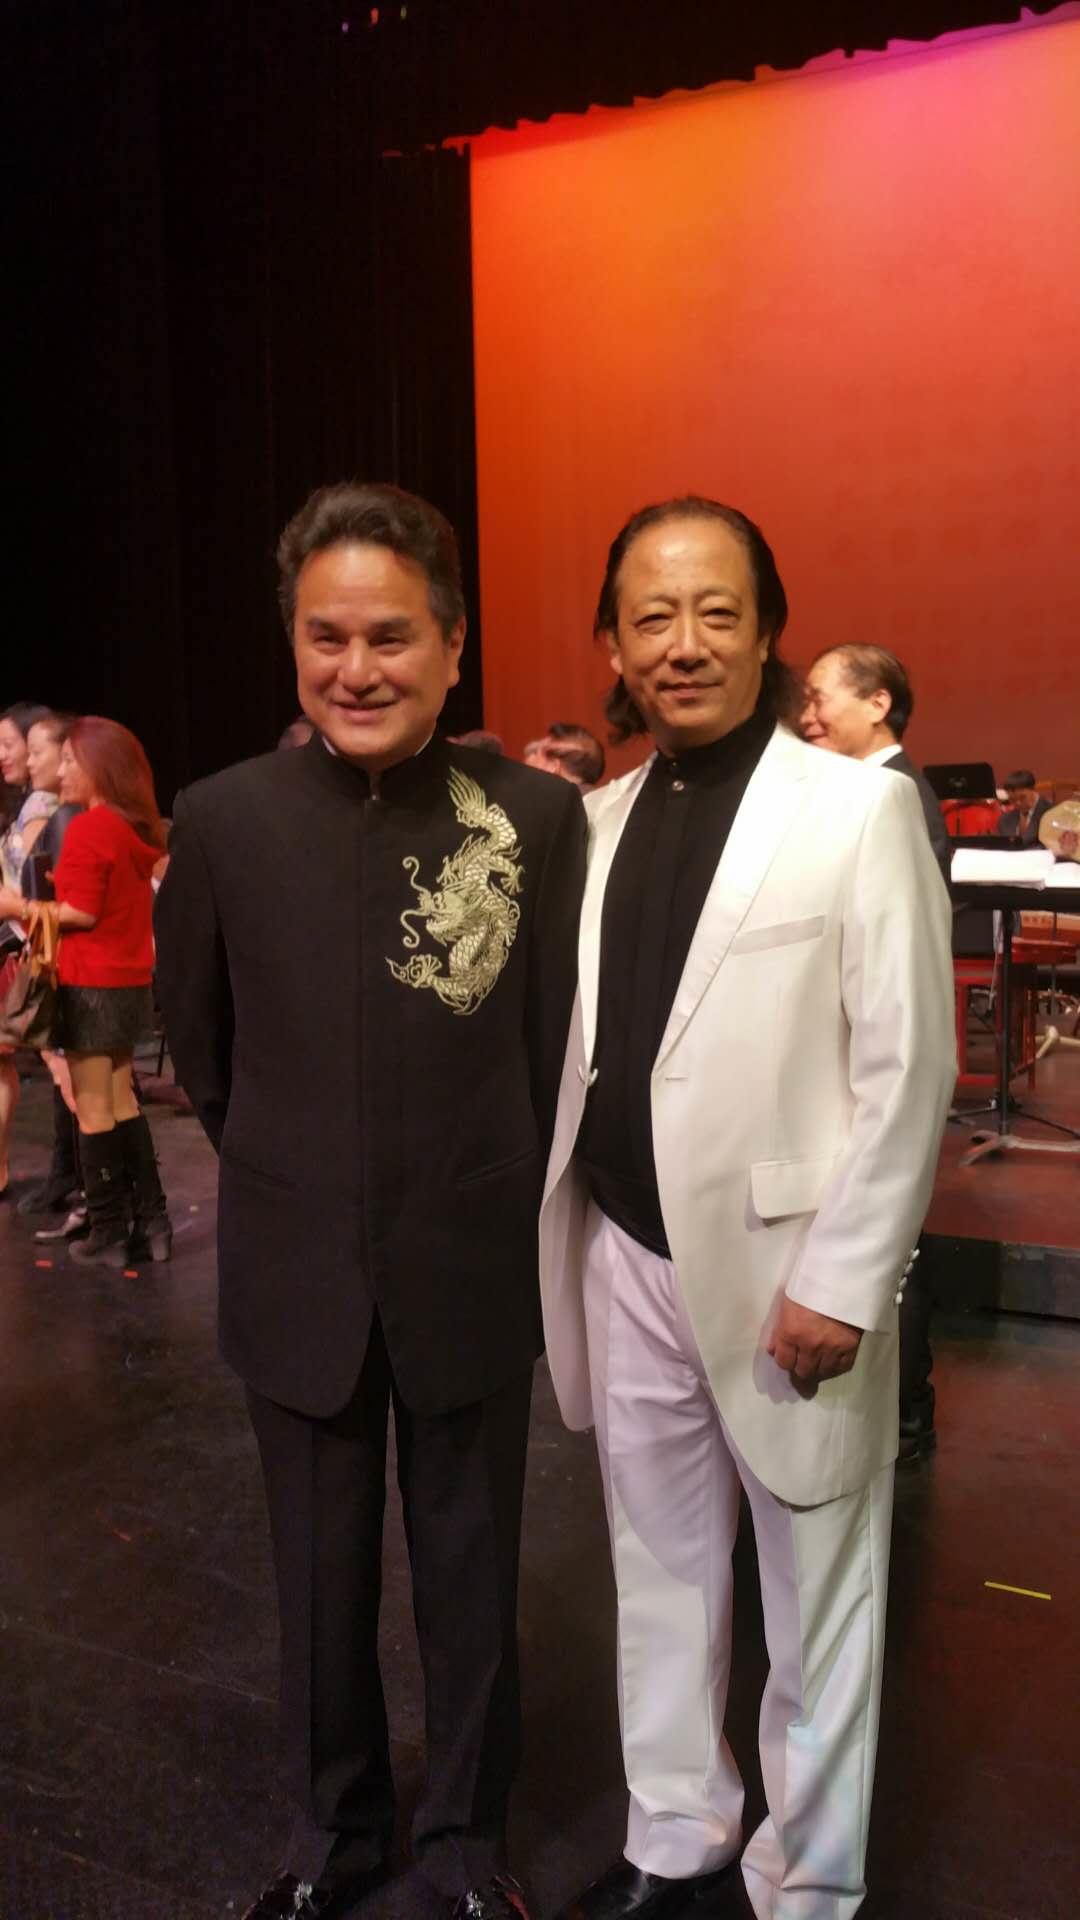 中国国家一级演奏家、中华国乐团艺术顾问左翼伟与常驻指挥、本次音乐会音乐指导汪大卫